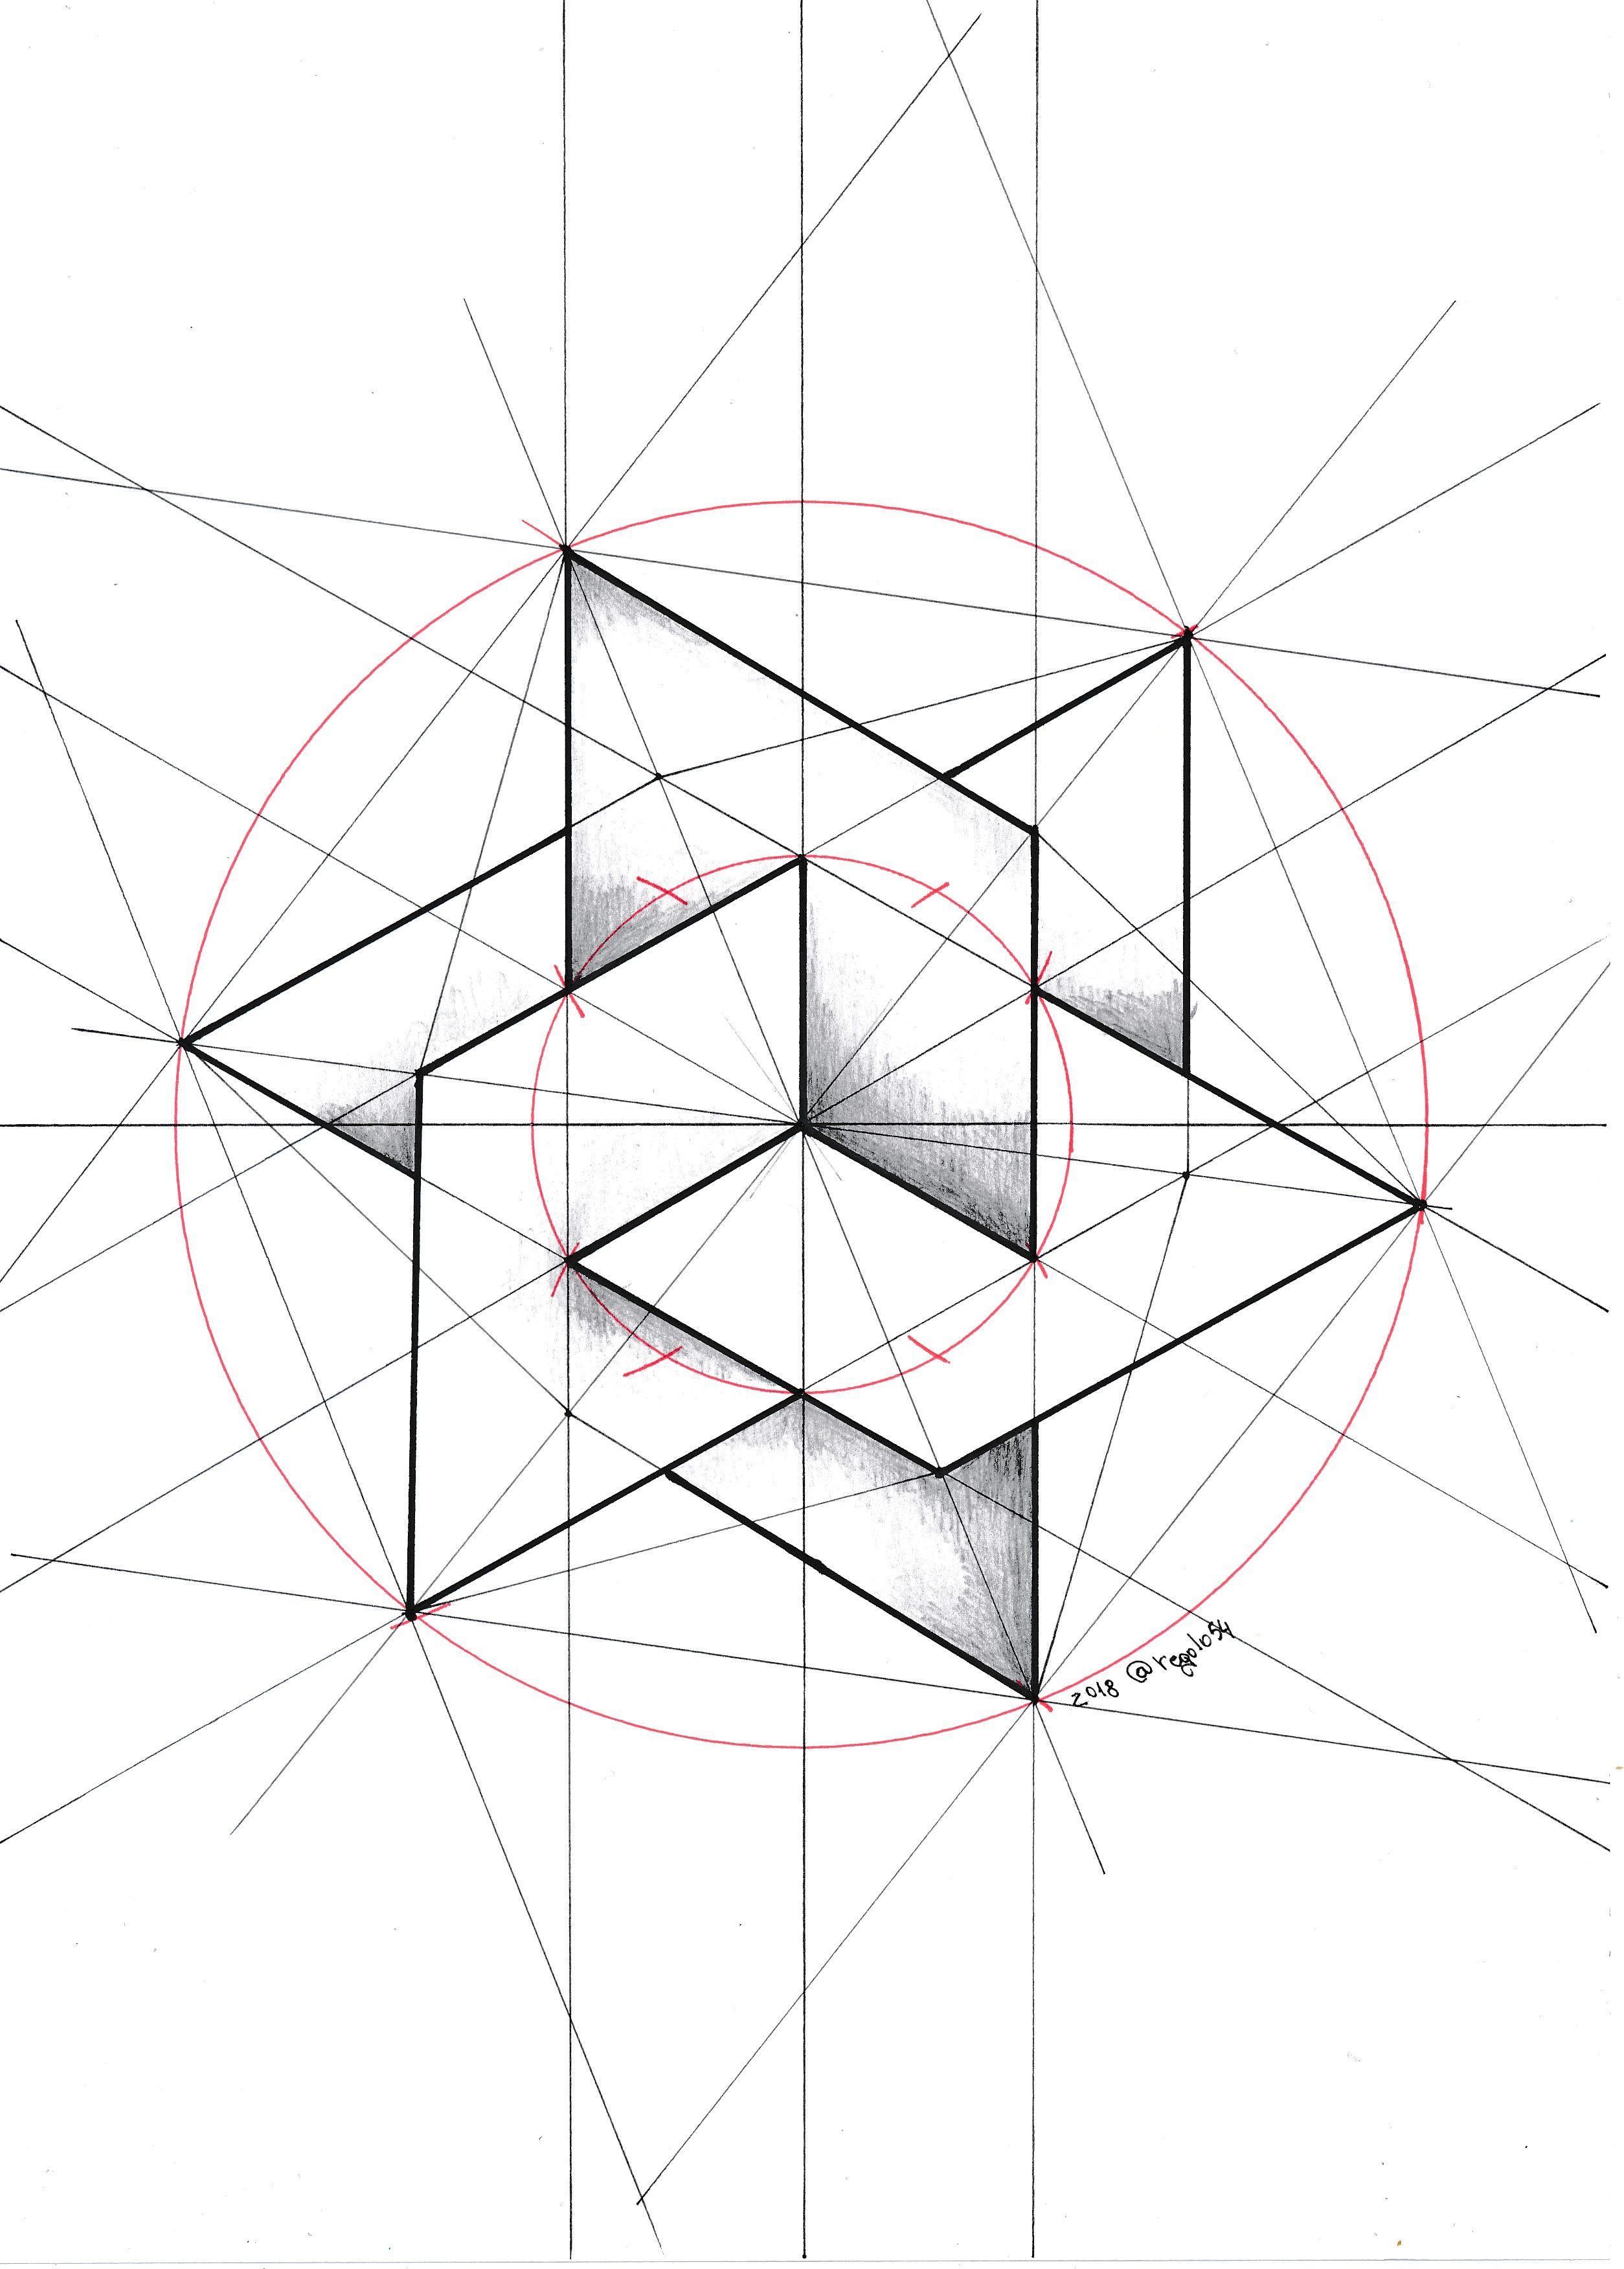 Pin De Rafael Moraes Em Fullframe Desenhos Com Formas